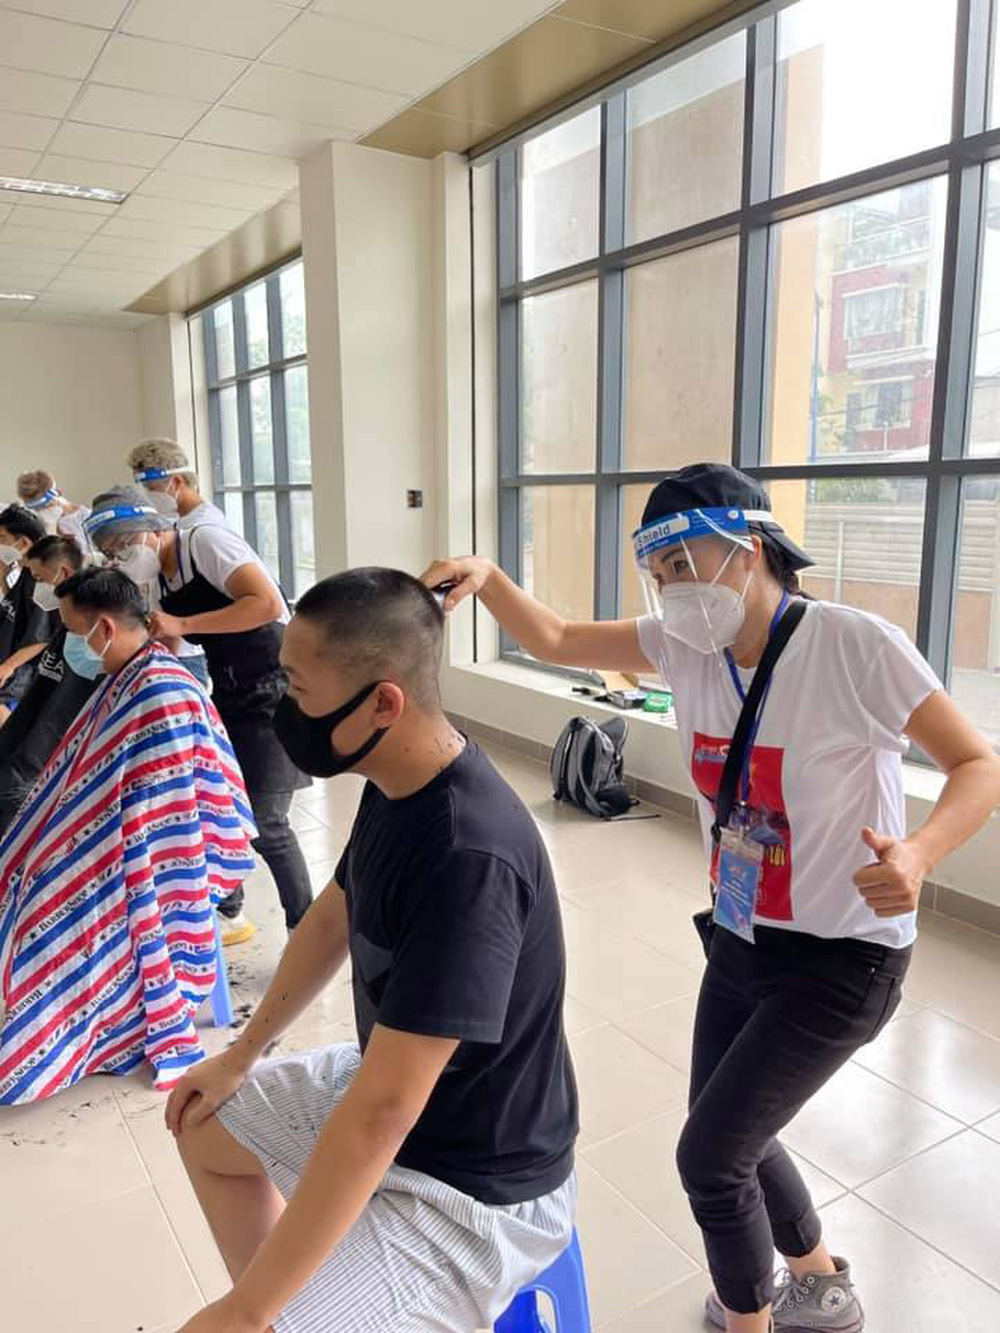 Ca sĩ Phương Thanh bức xúc khi bị mắng là từ thiện lừa đảo - Ảnh 3.